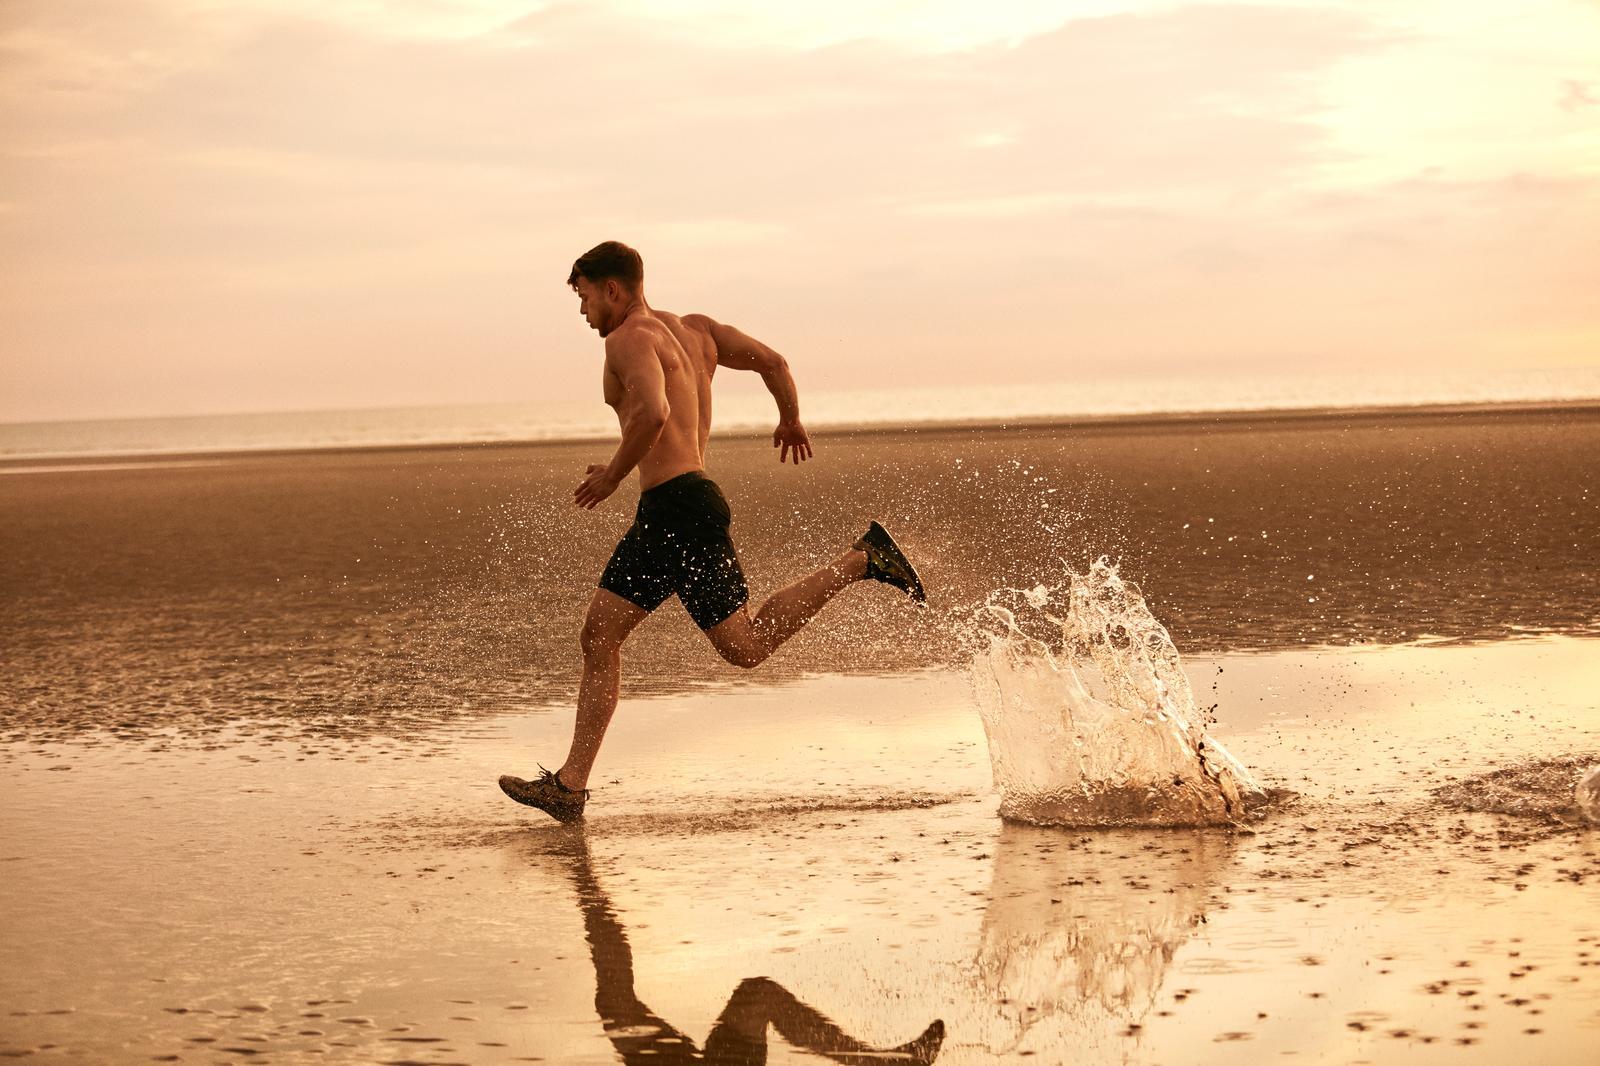 Fit op vakantie: hoe blijf je fit? | 5 tips